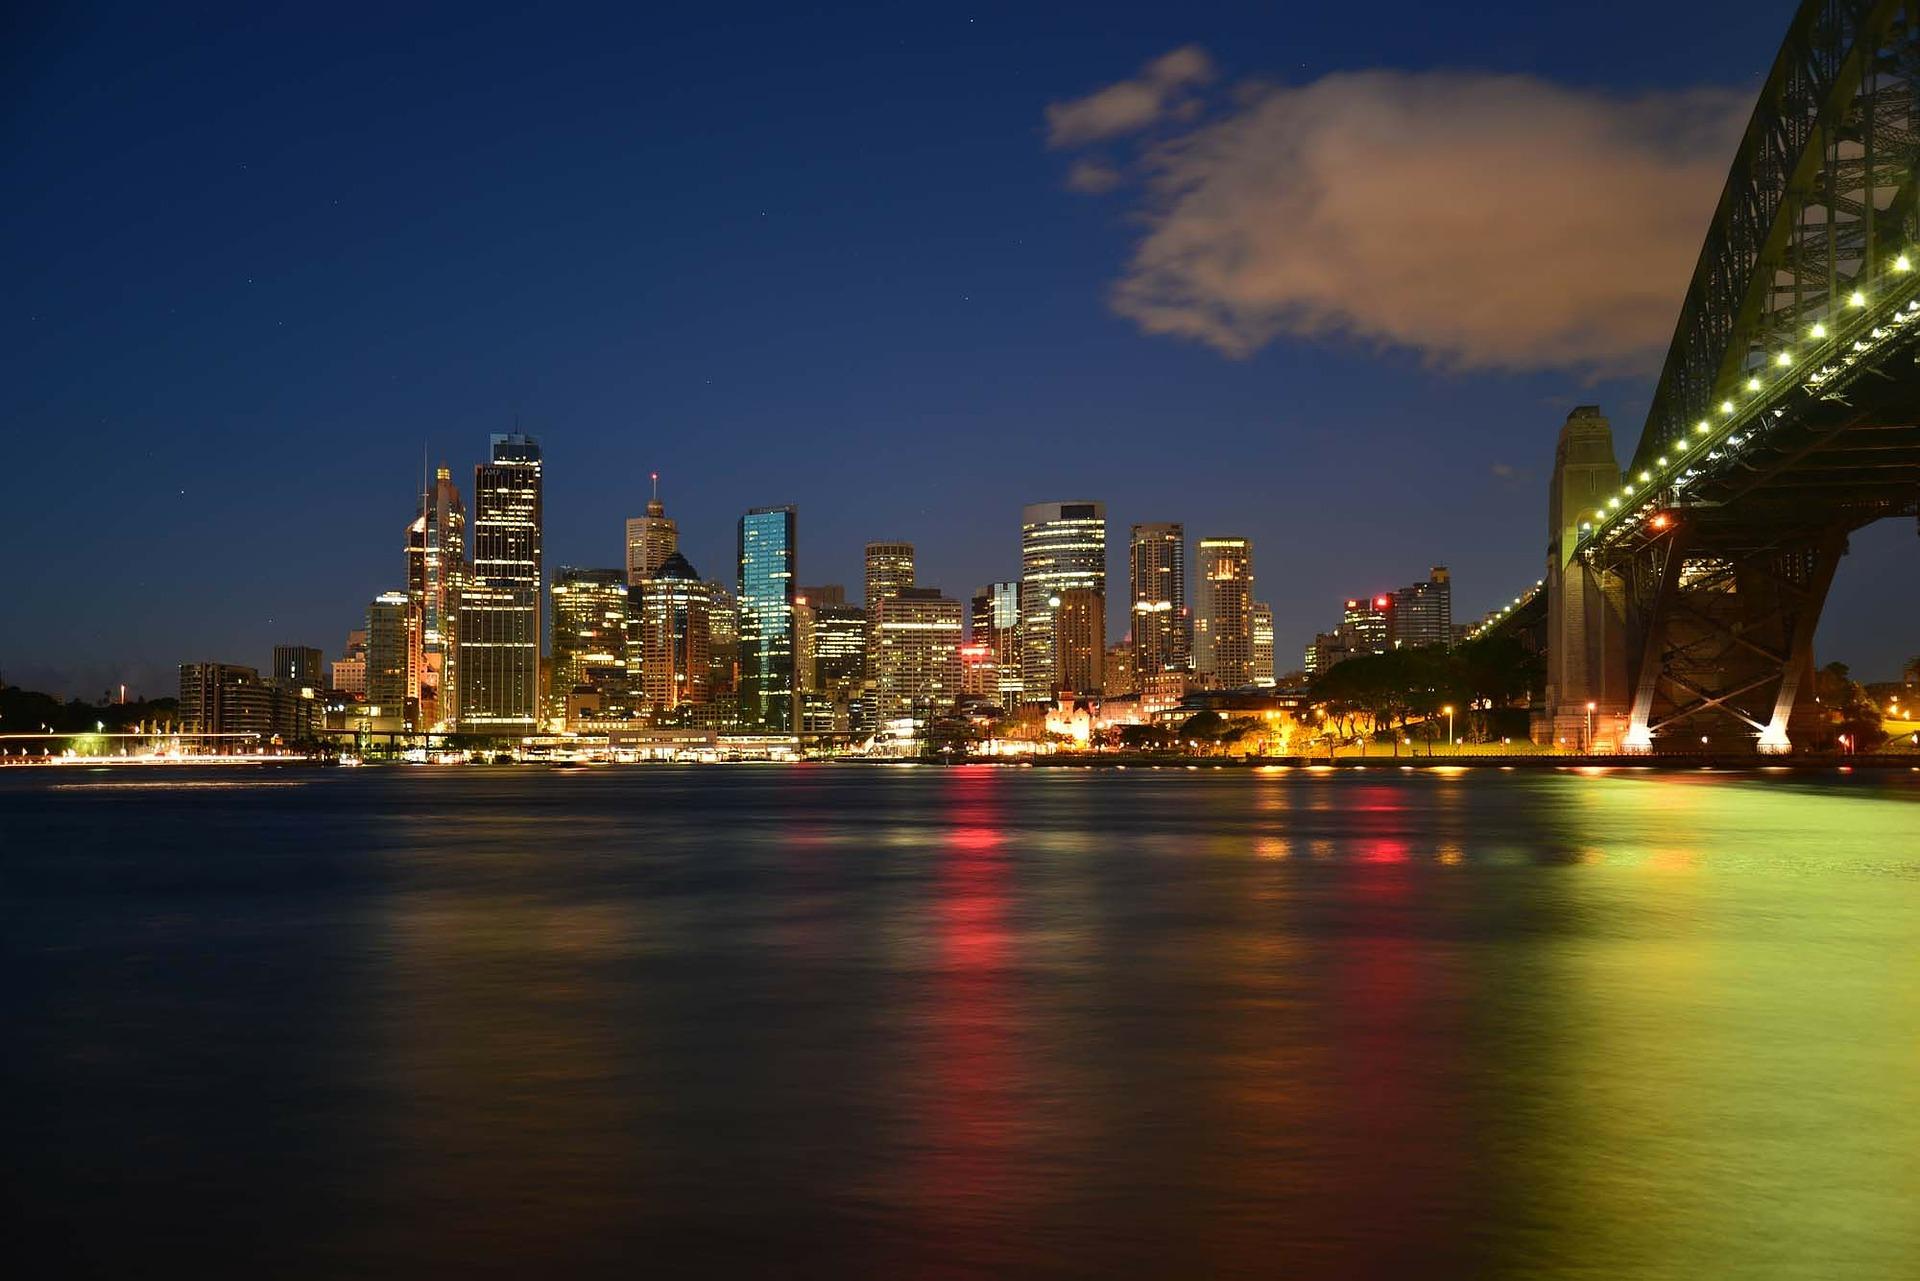 Sydney Harbour - Milsons Point